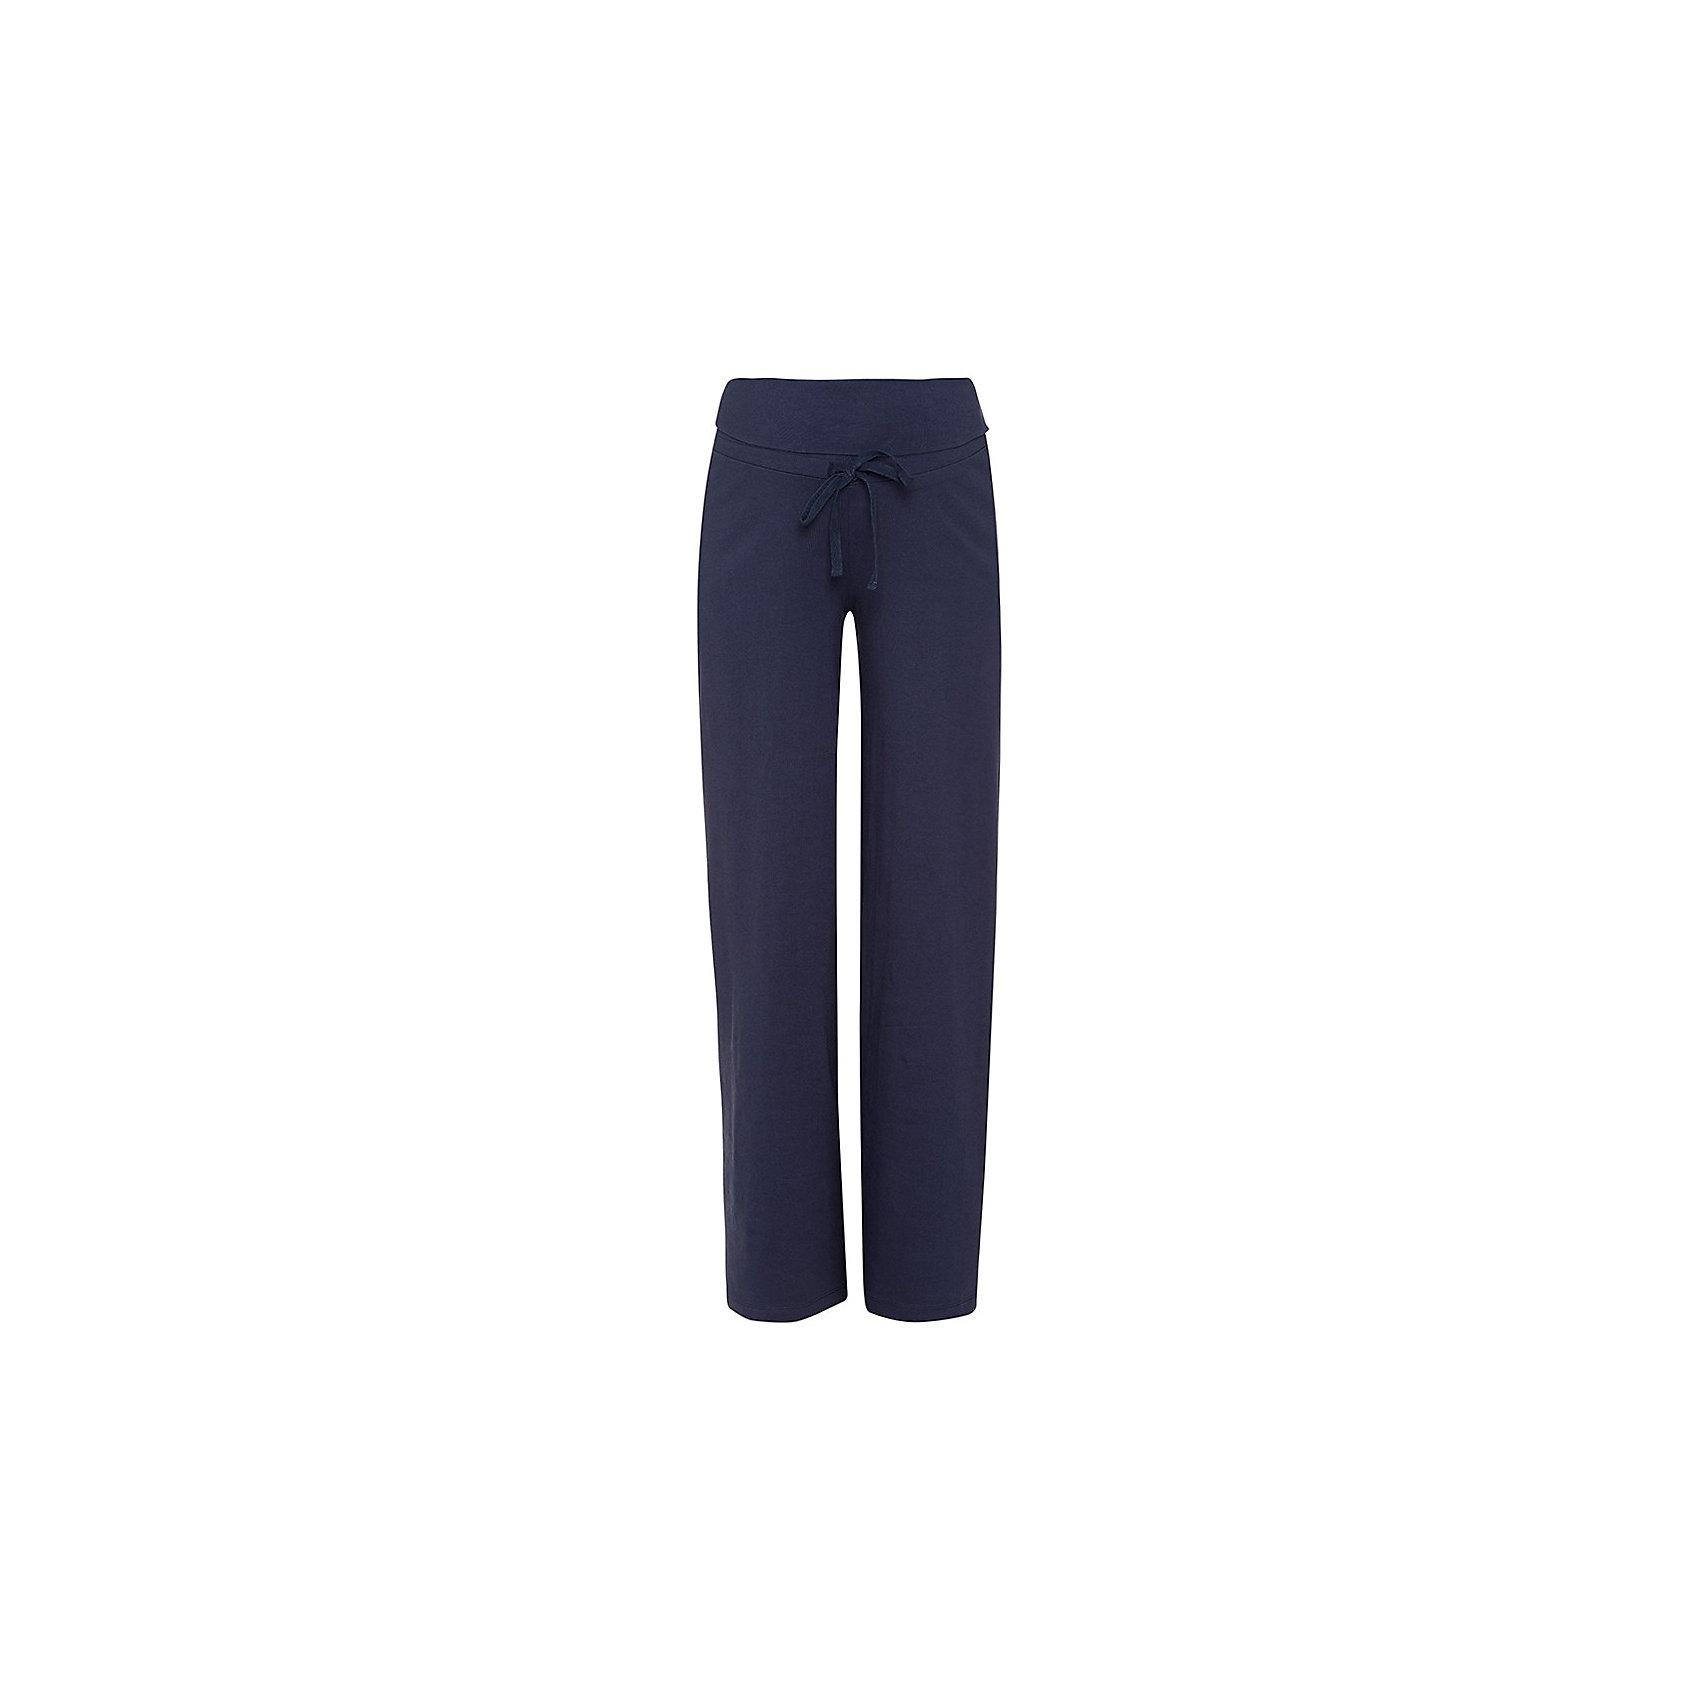 Neu JoJo Maman Bébé Umstands-Pyjamahose 5972223 für Damen dunkelblau